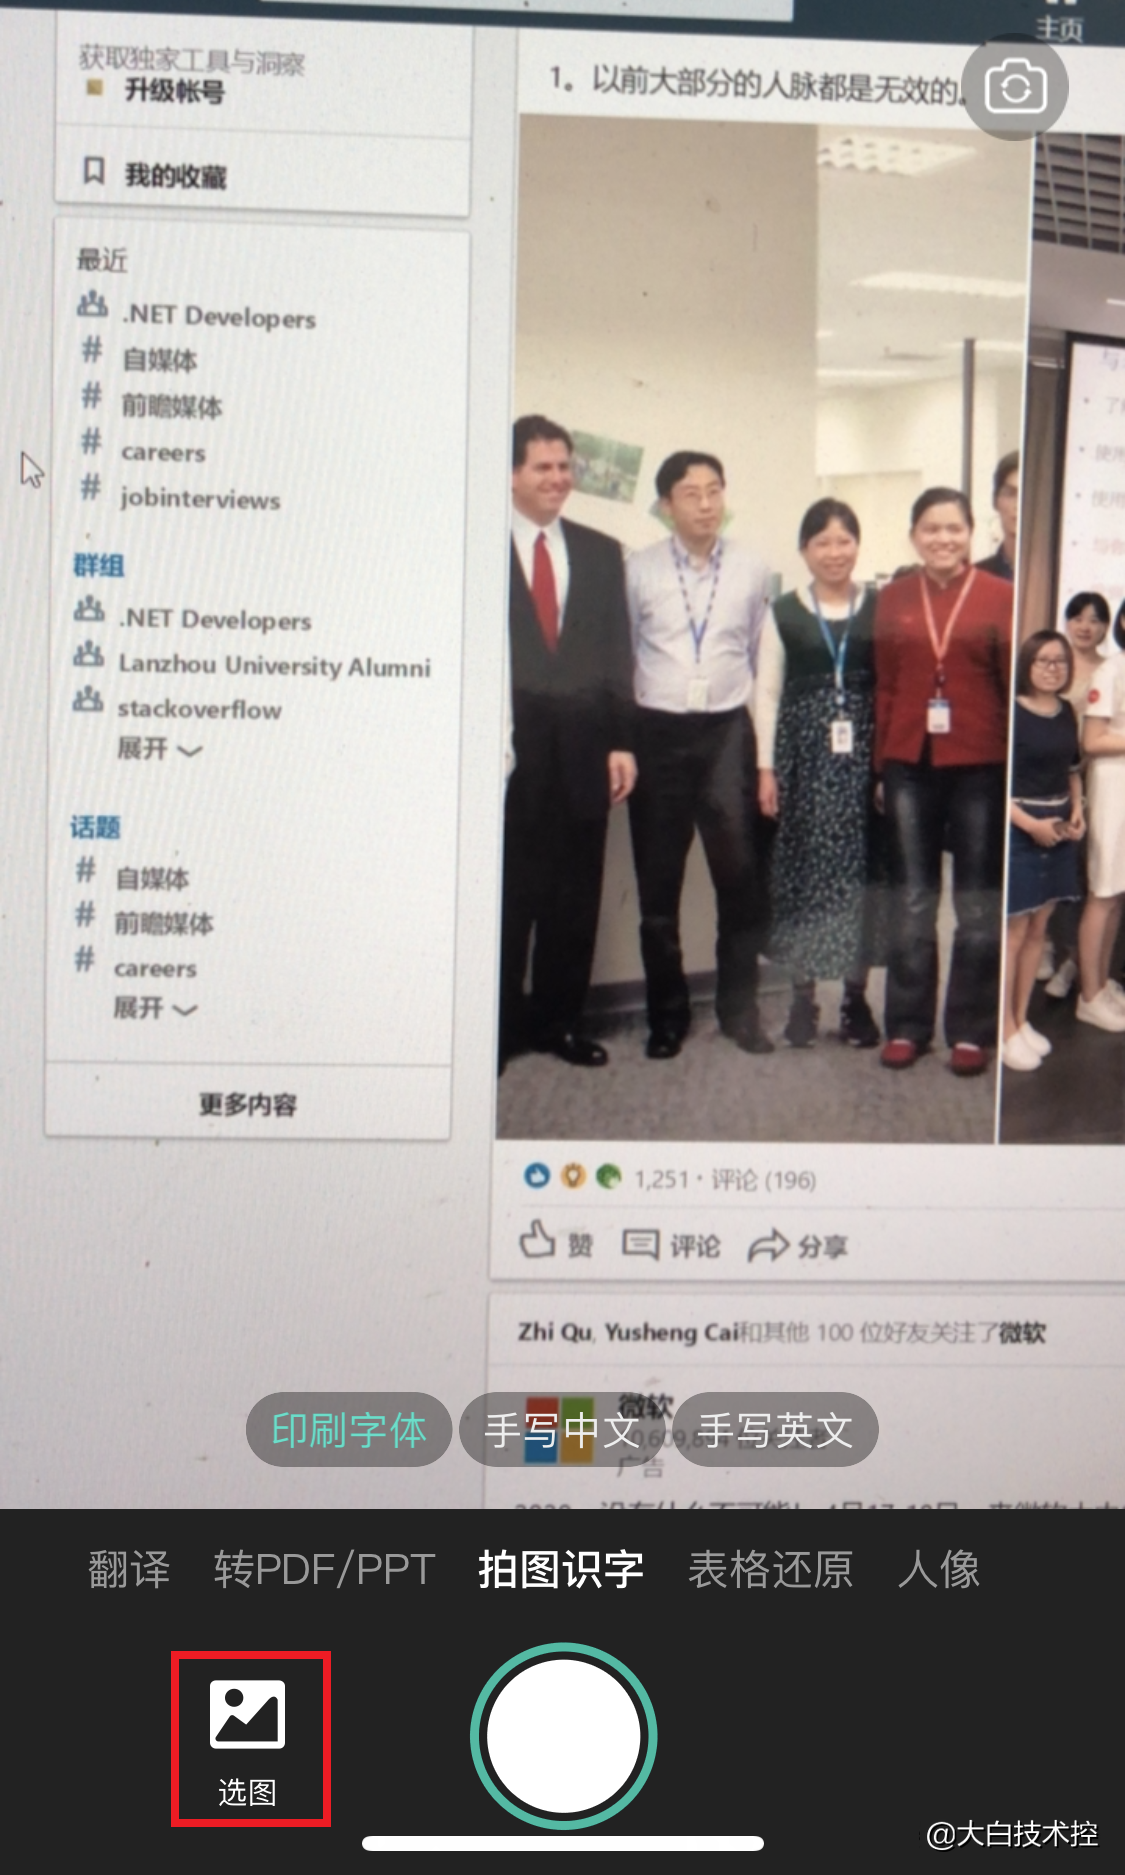 微软AI识图-极客中心